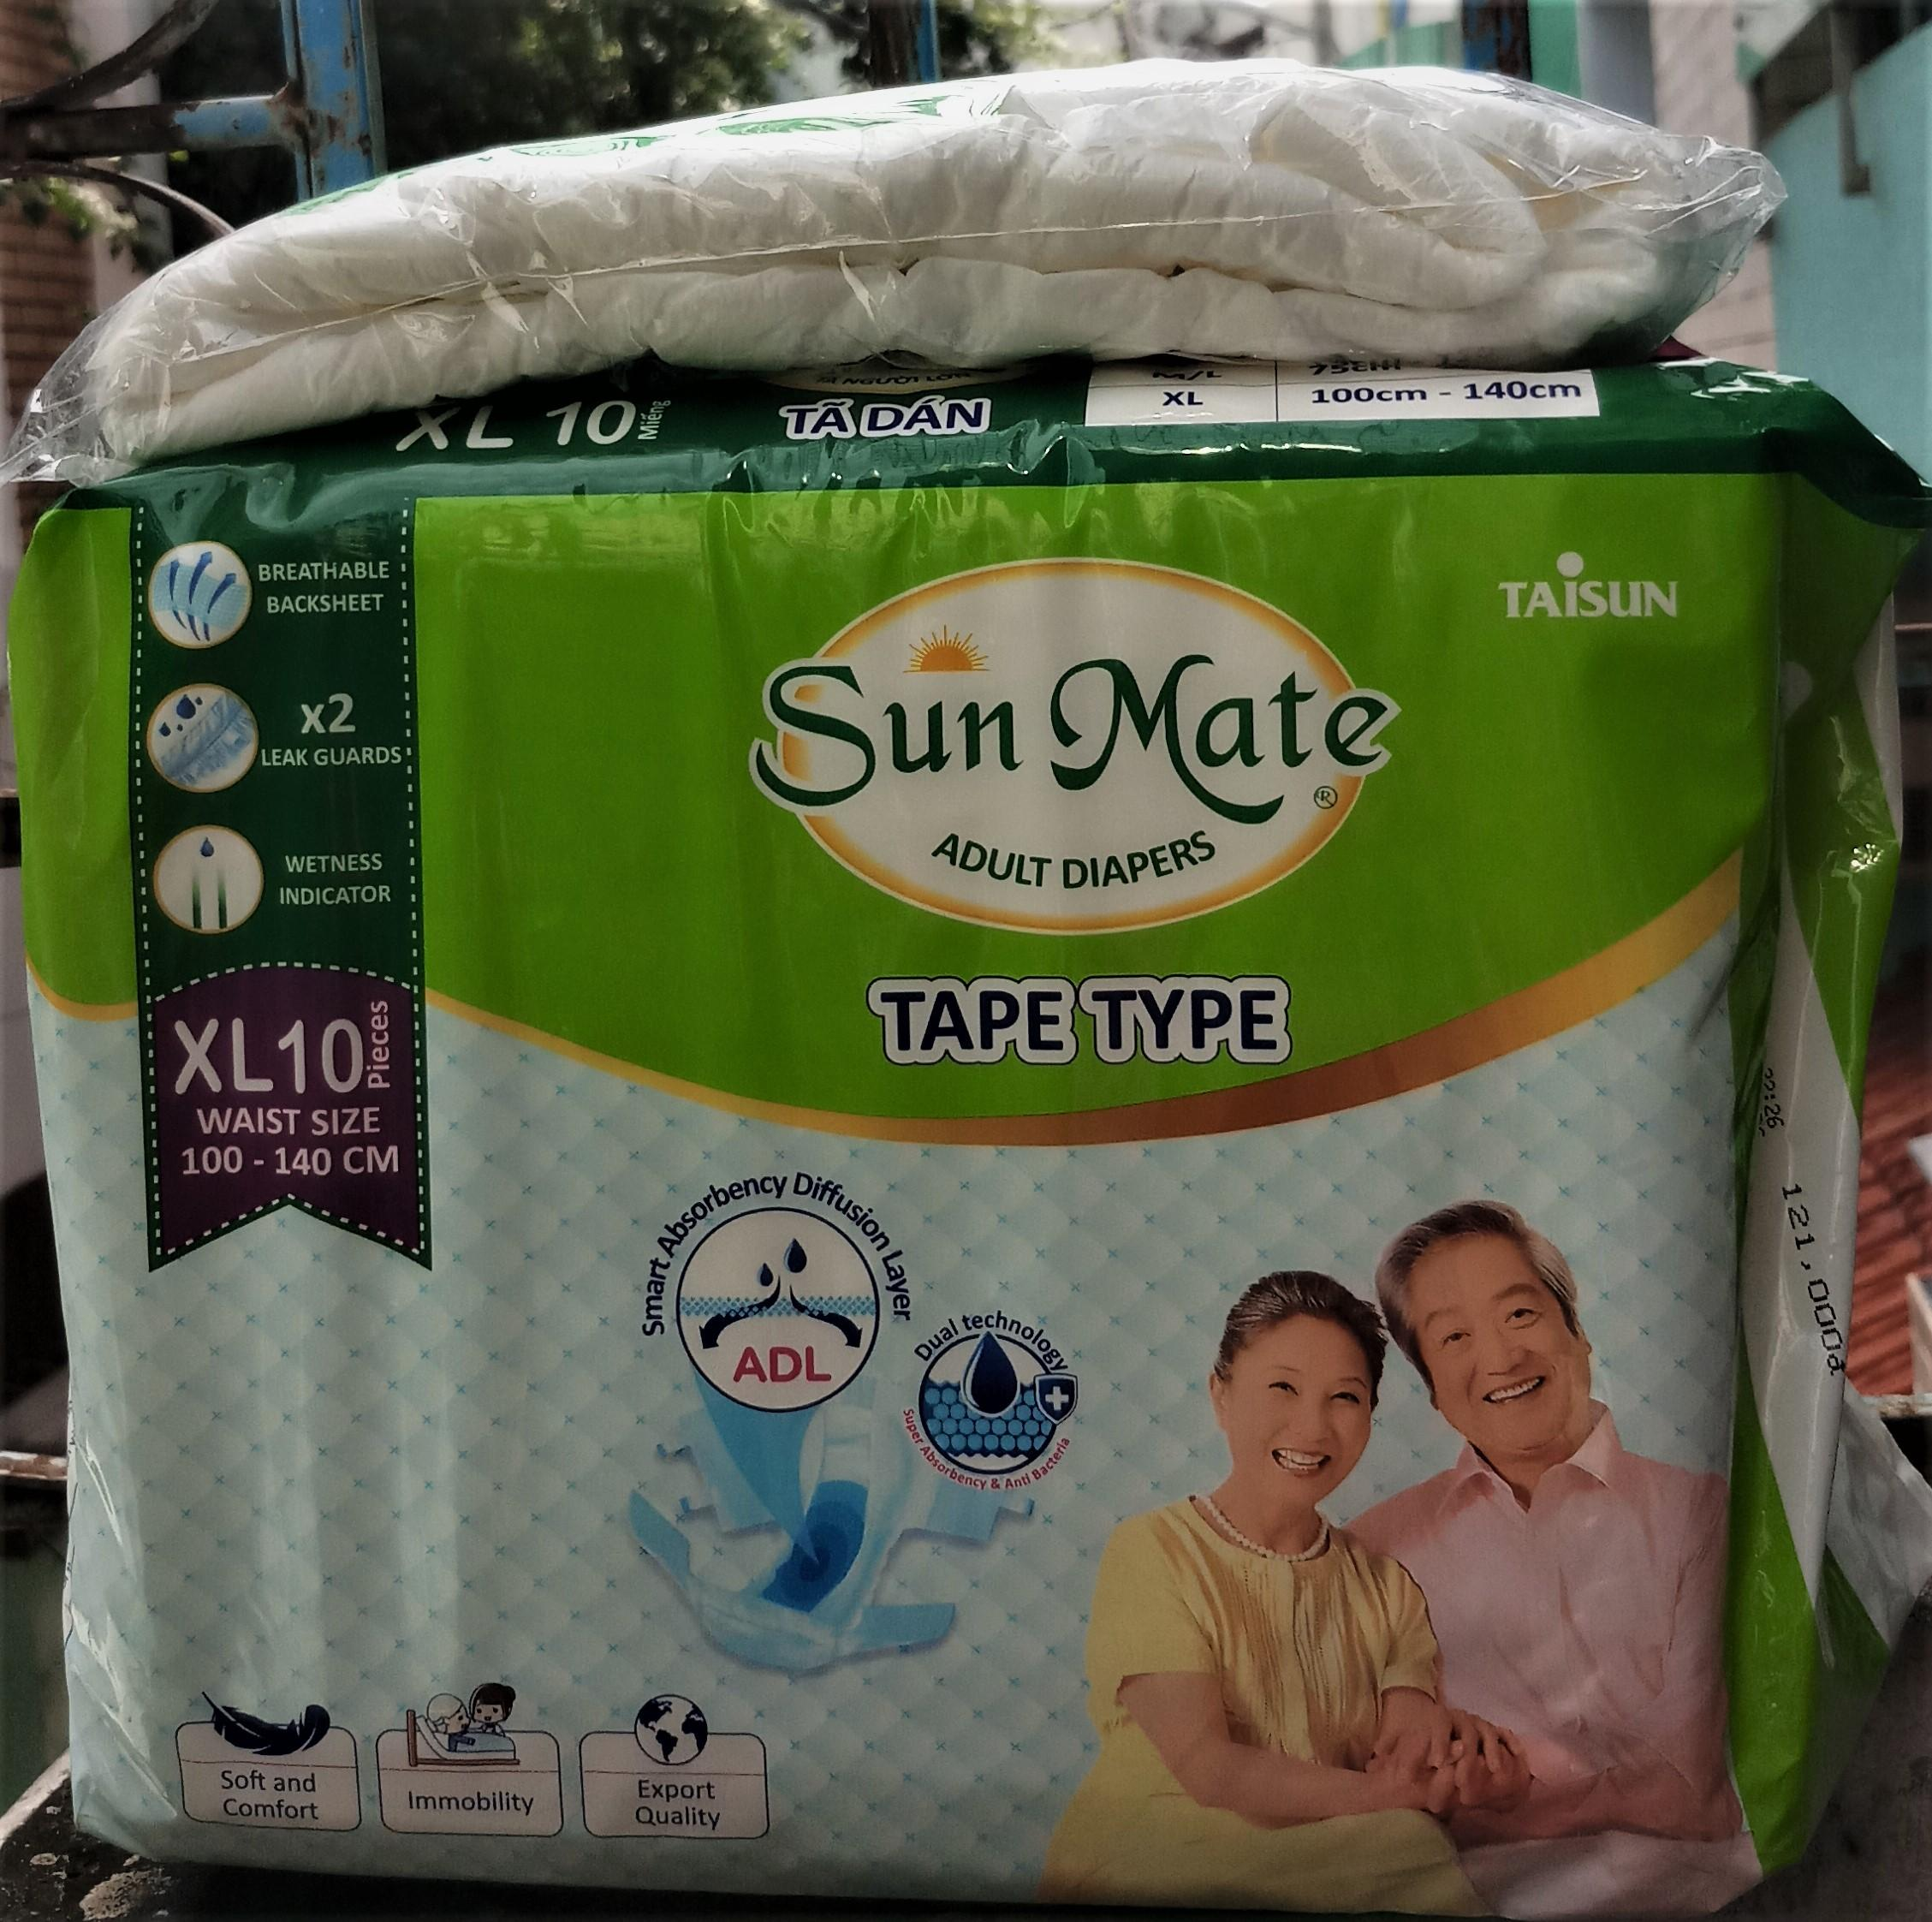 Tã dán SunMate Mẫu mới XL10 vòng bụng 100-140cm+tặng kèm 1 miếng chính hãng